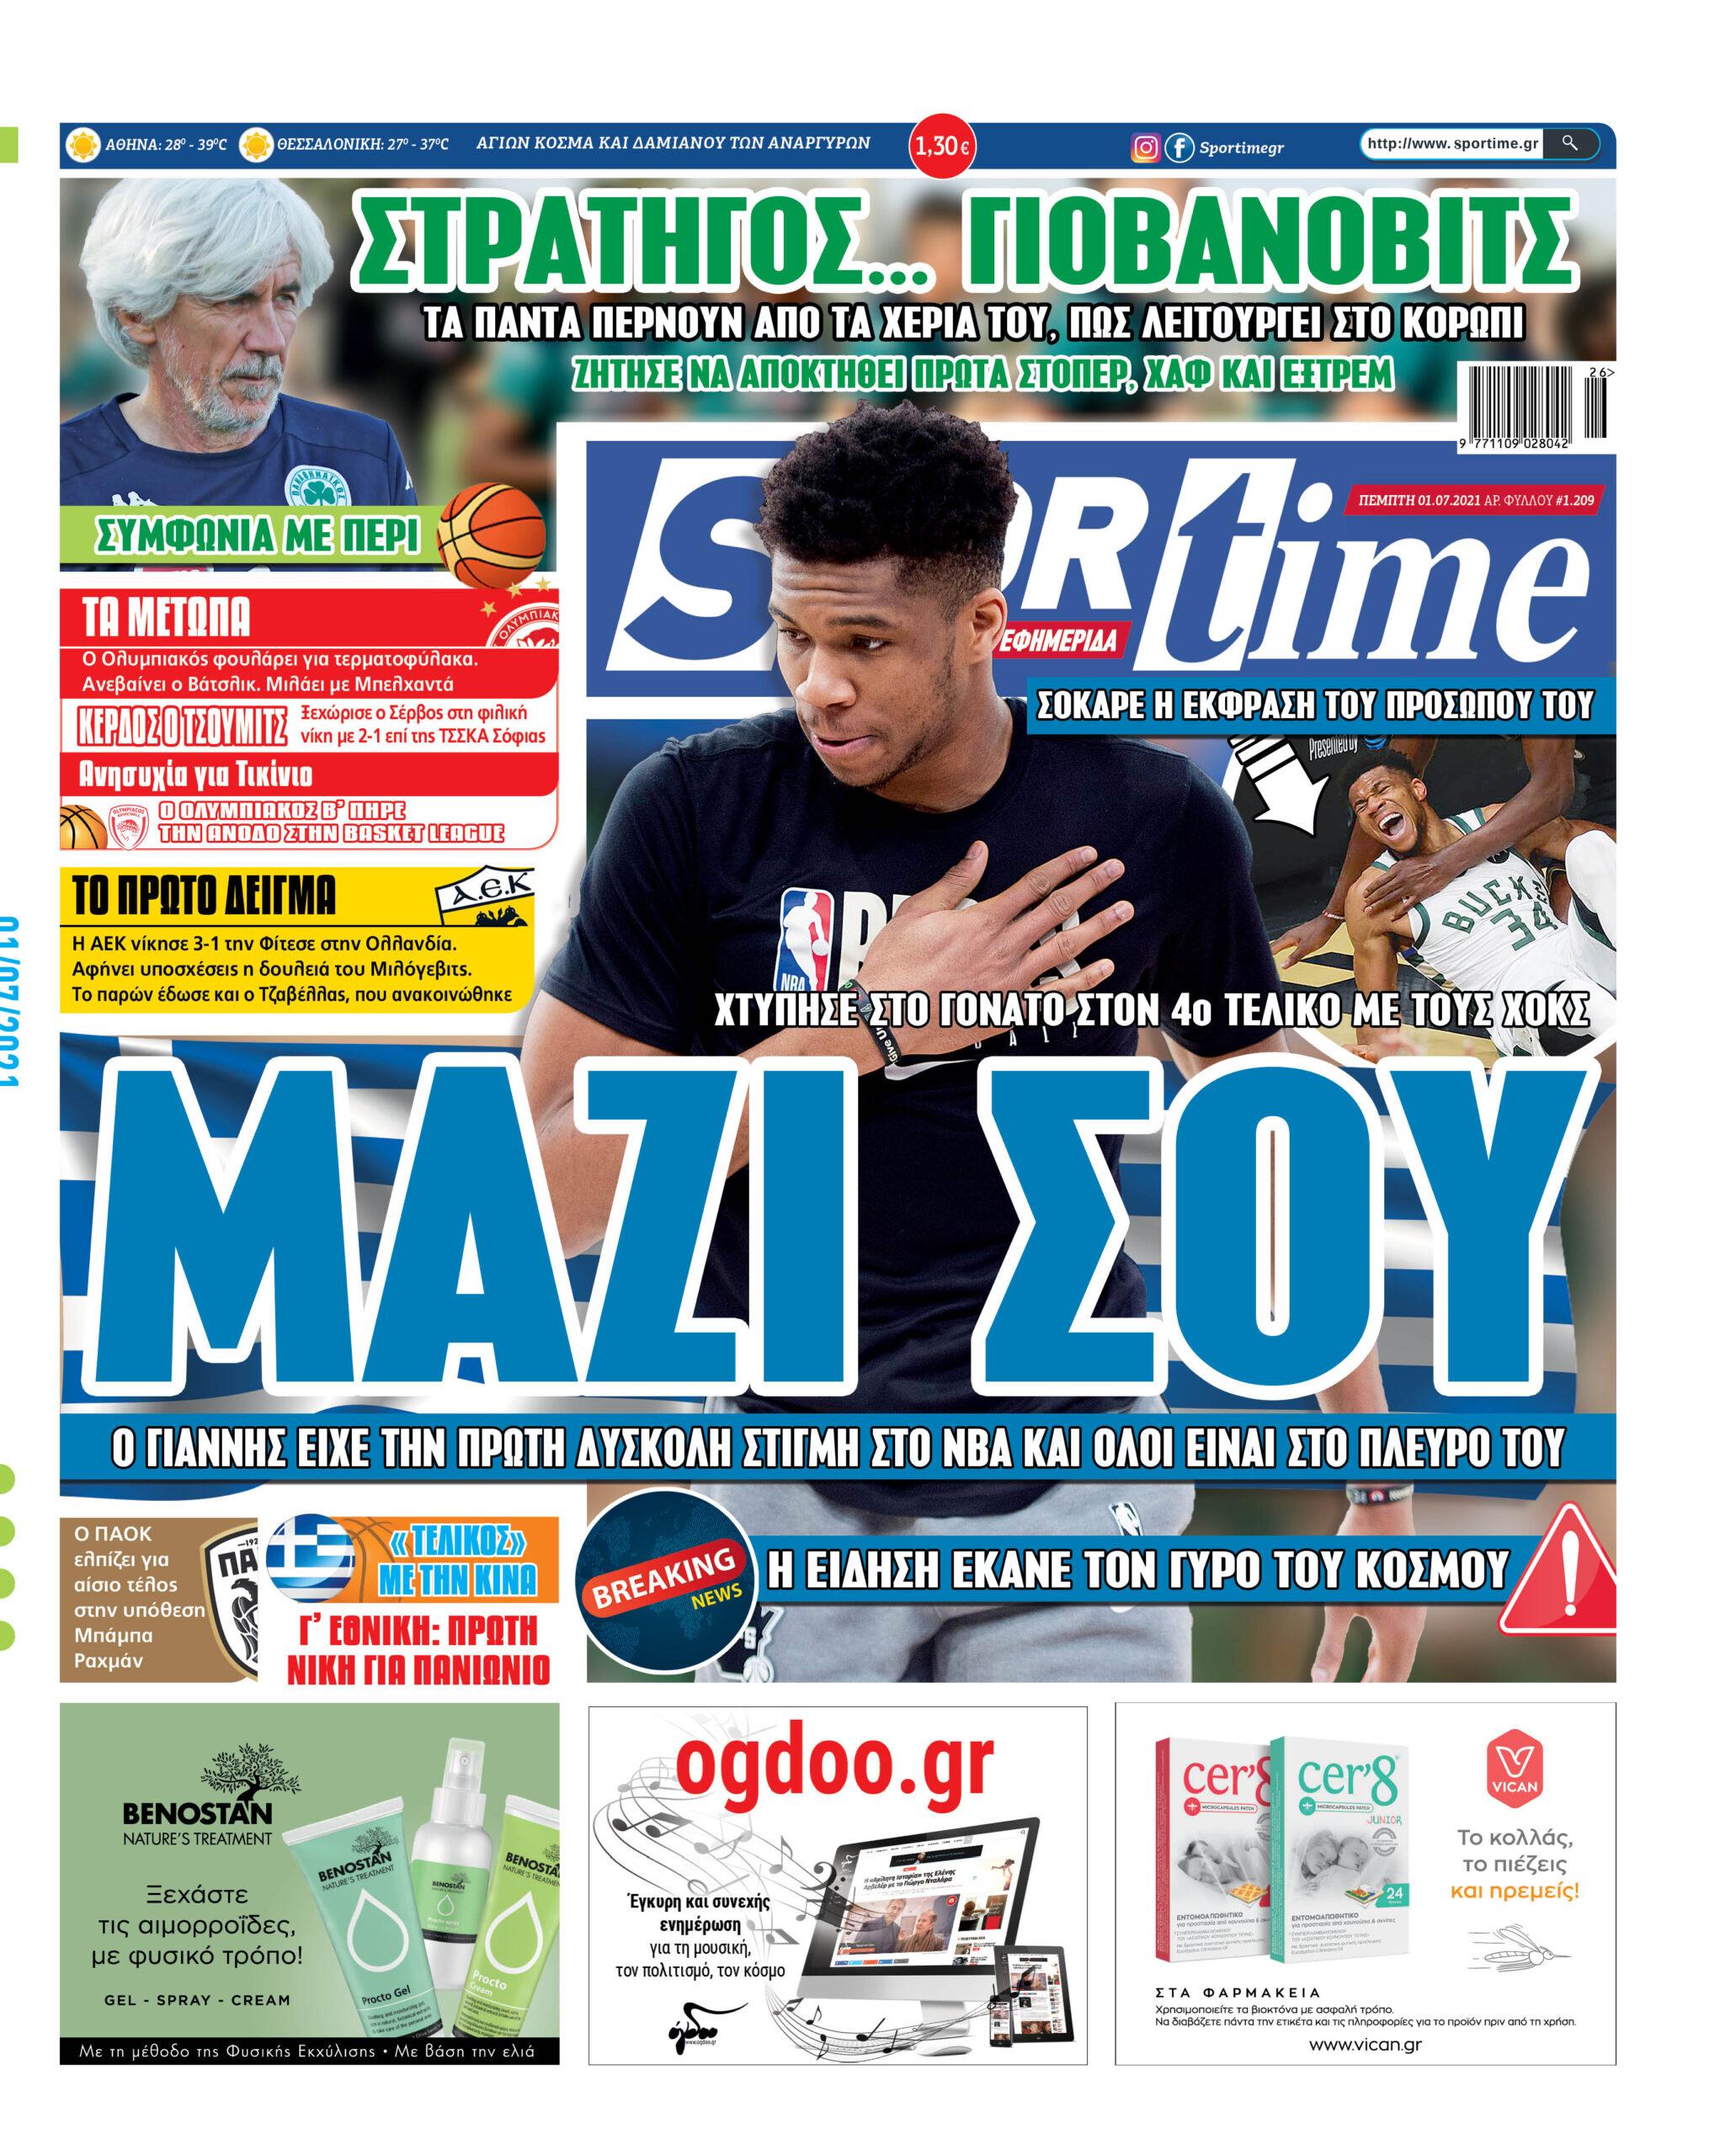 Εφημερίδα SPORTIME - Εξώφυλλο φύλλου 1/7/2021